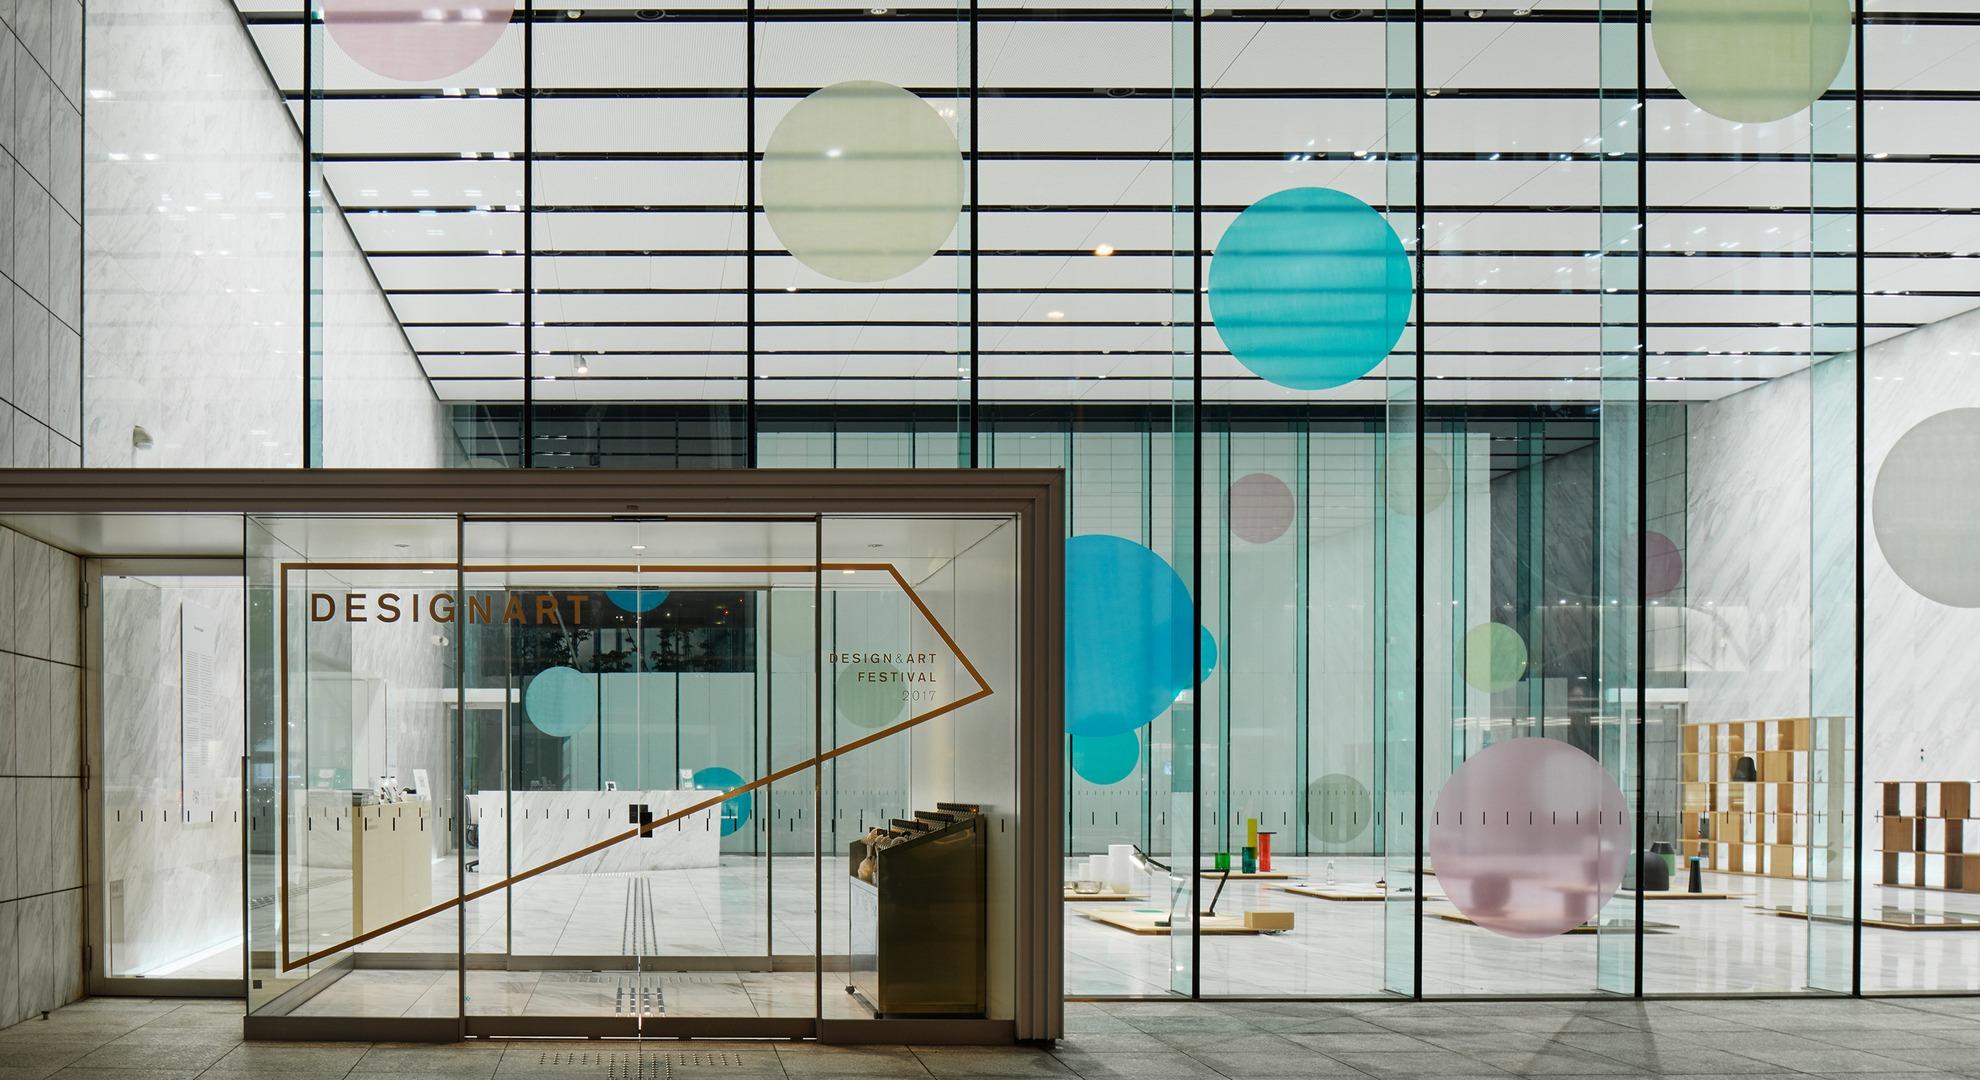 Designart Tokyo Exhibition in 2019